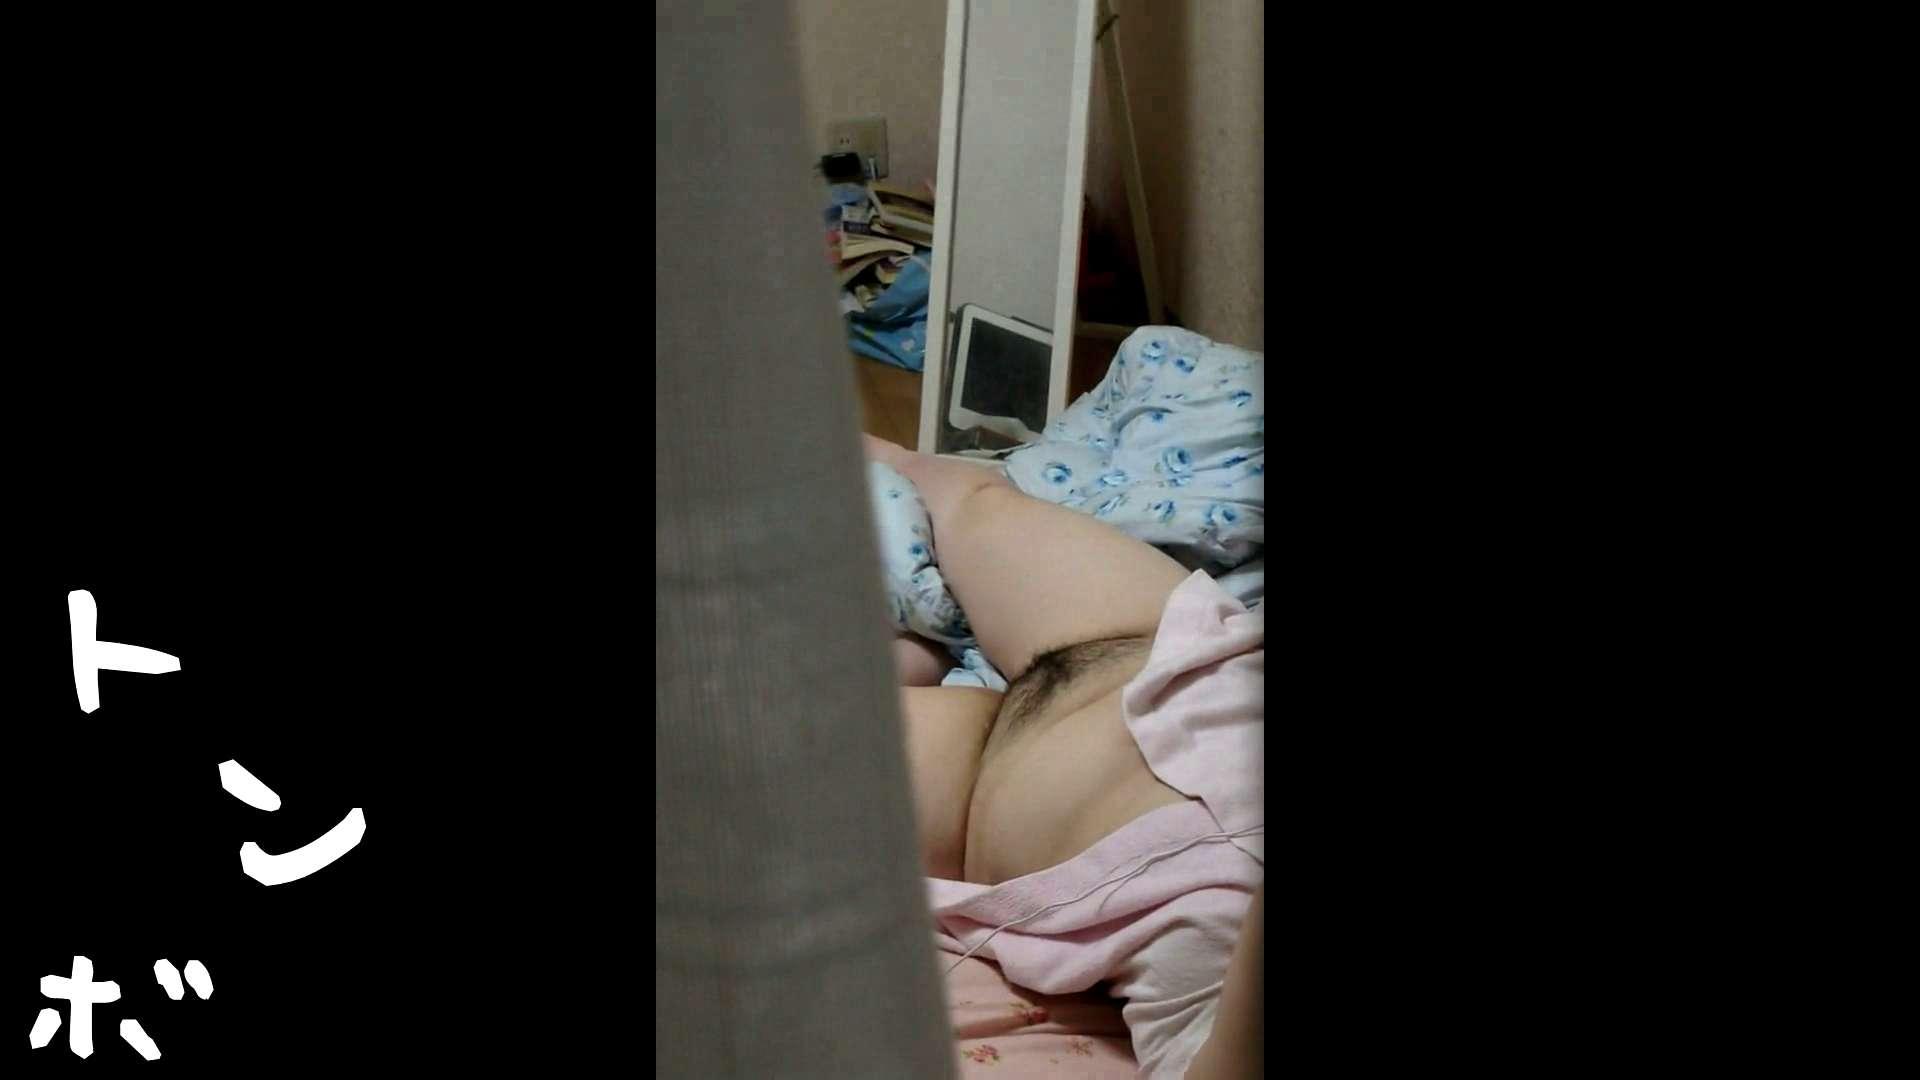 リアル盗撮 愛しいぽっちゃり女子大生 性欲溢れるオナニー 高画質 エロ無料画像 111画像 4